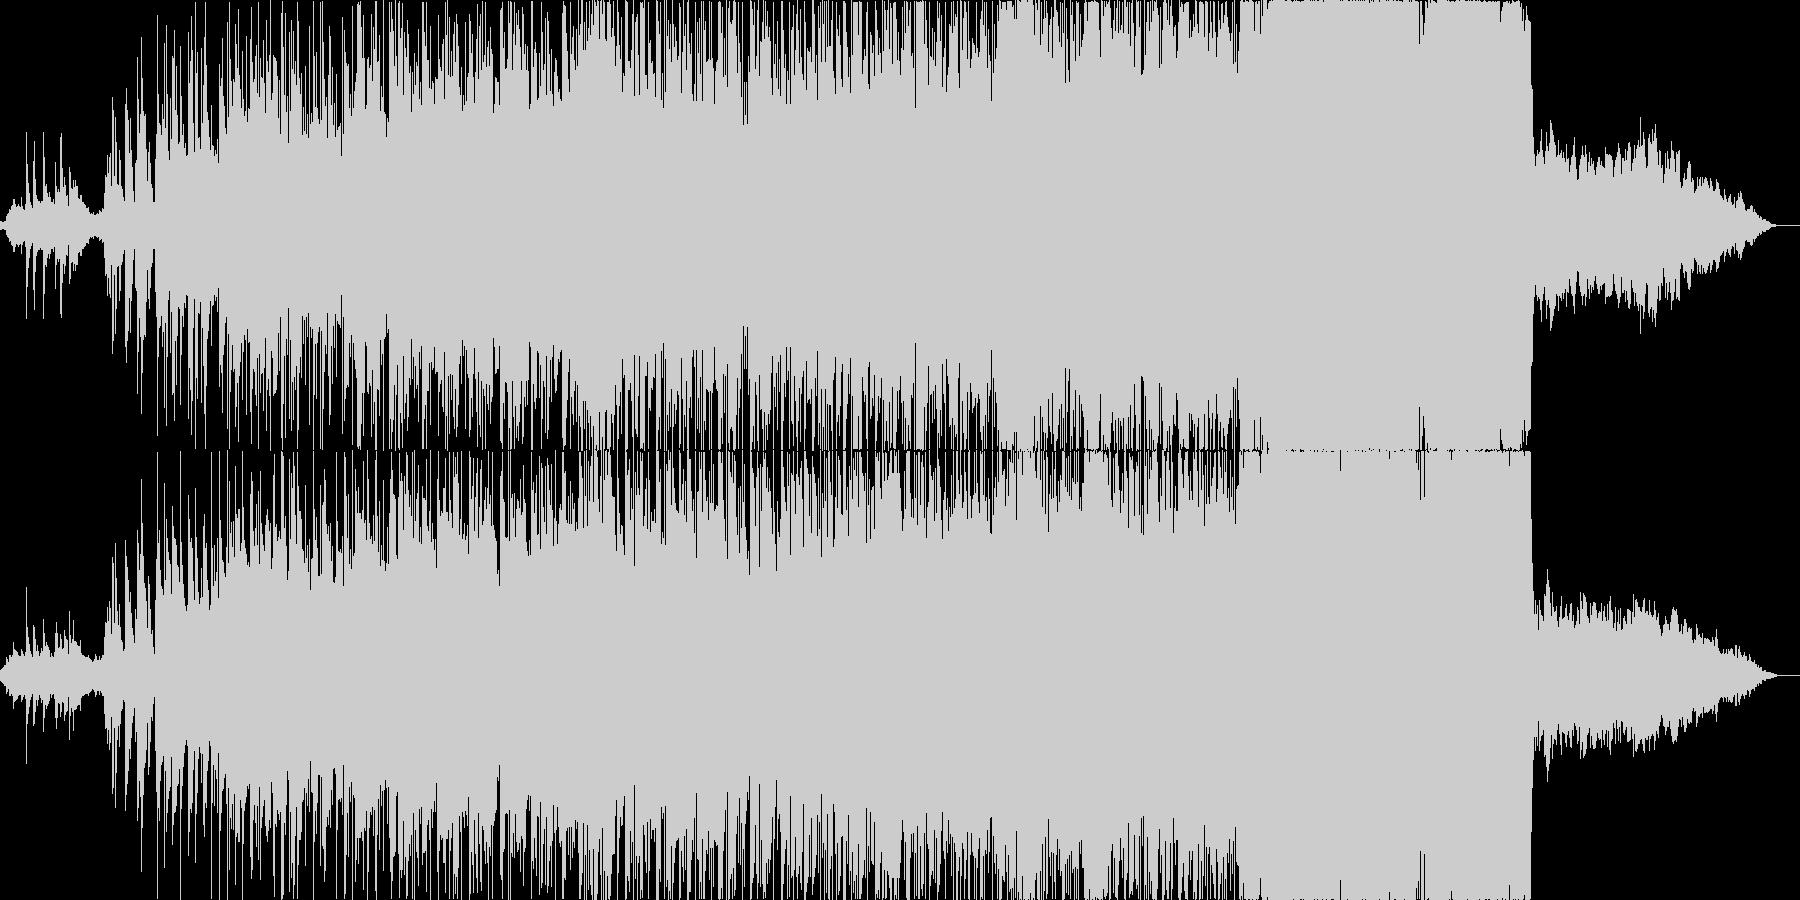 インド風の爽やかなBGMの未再生の波形